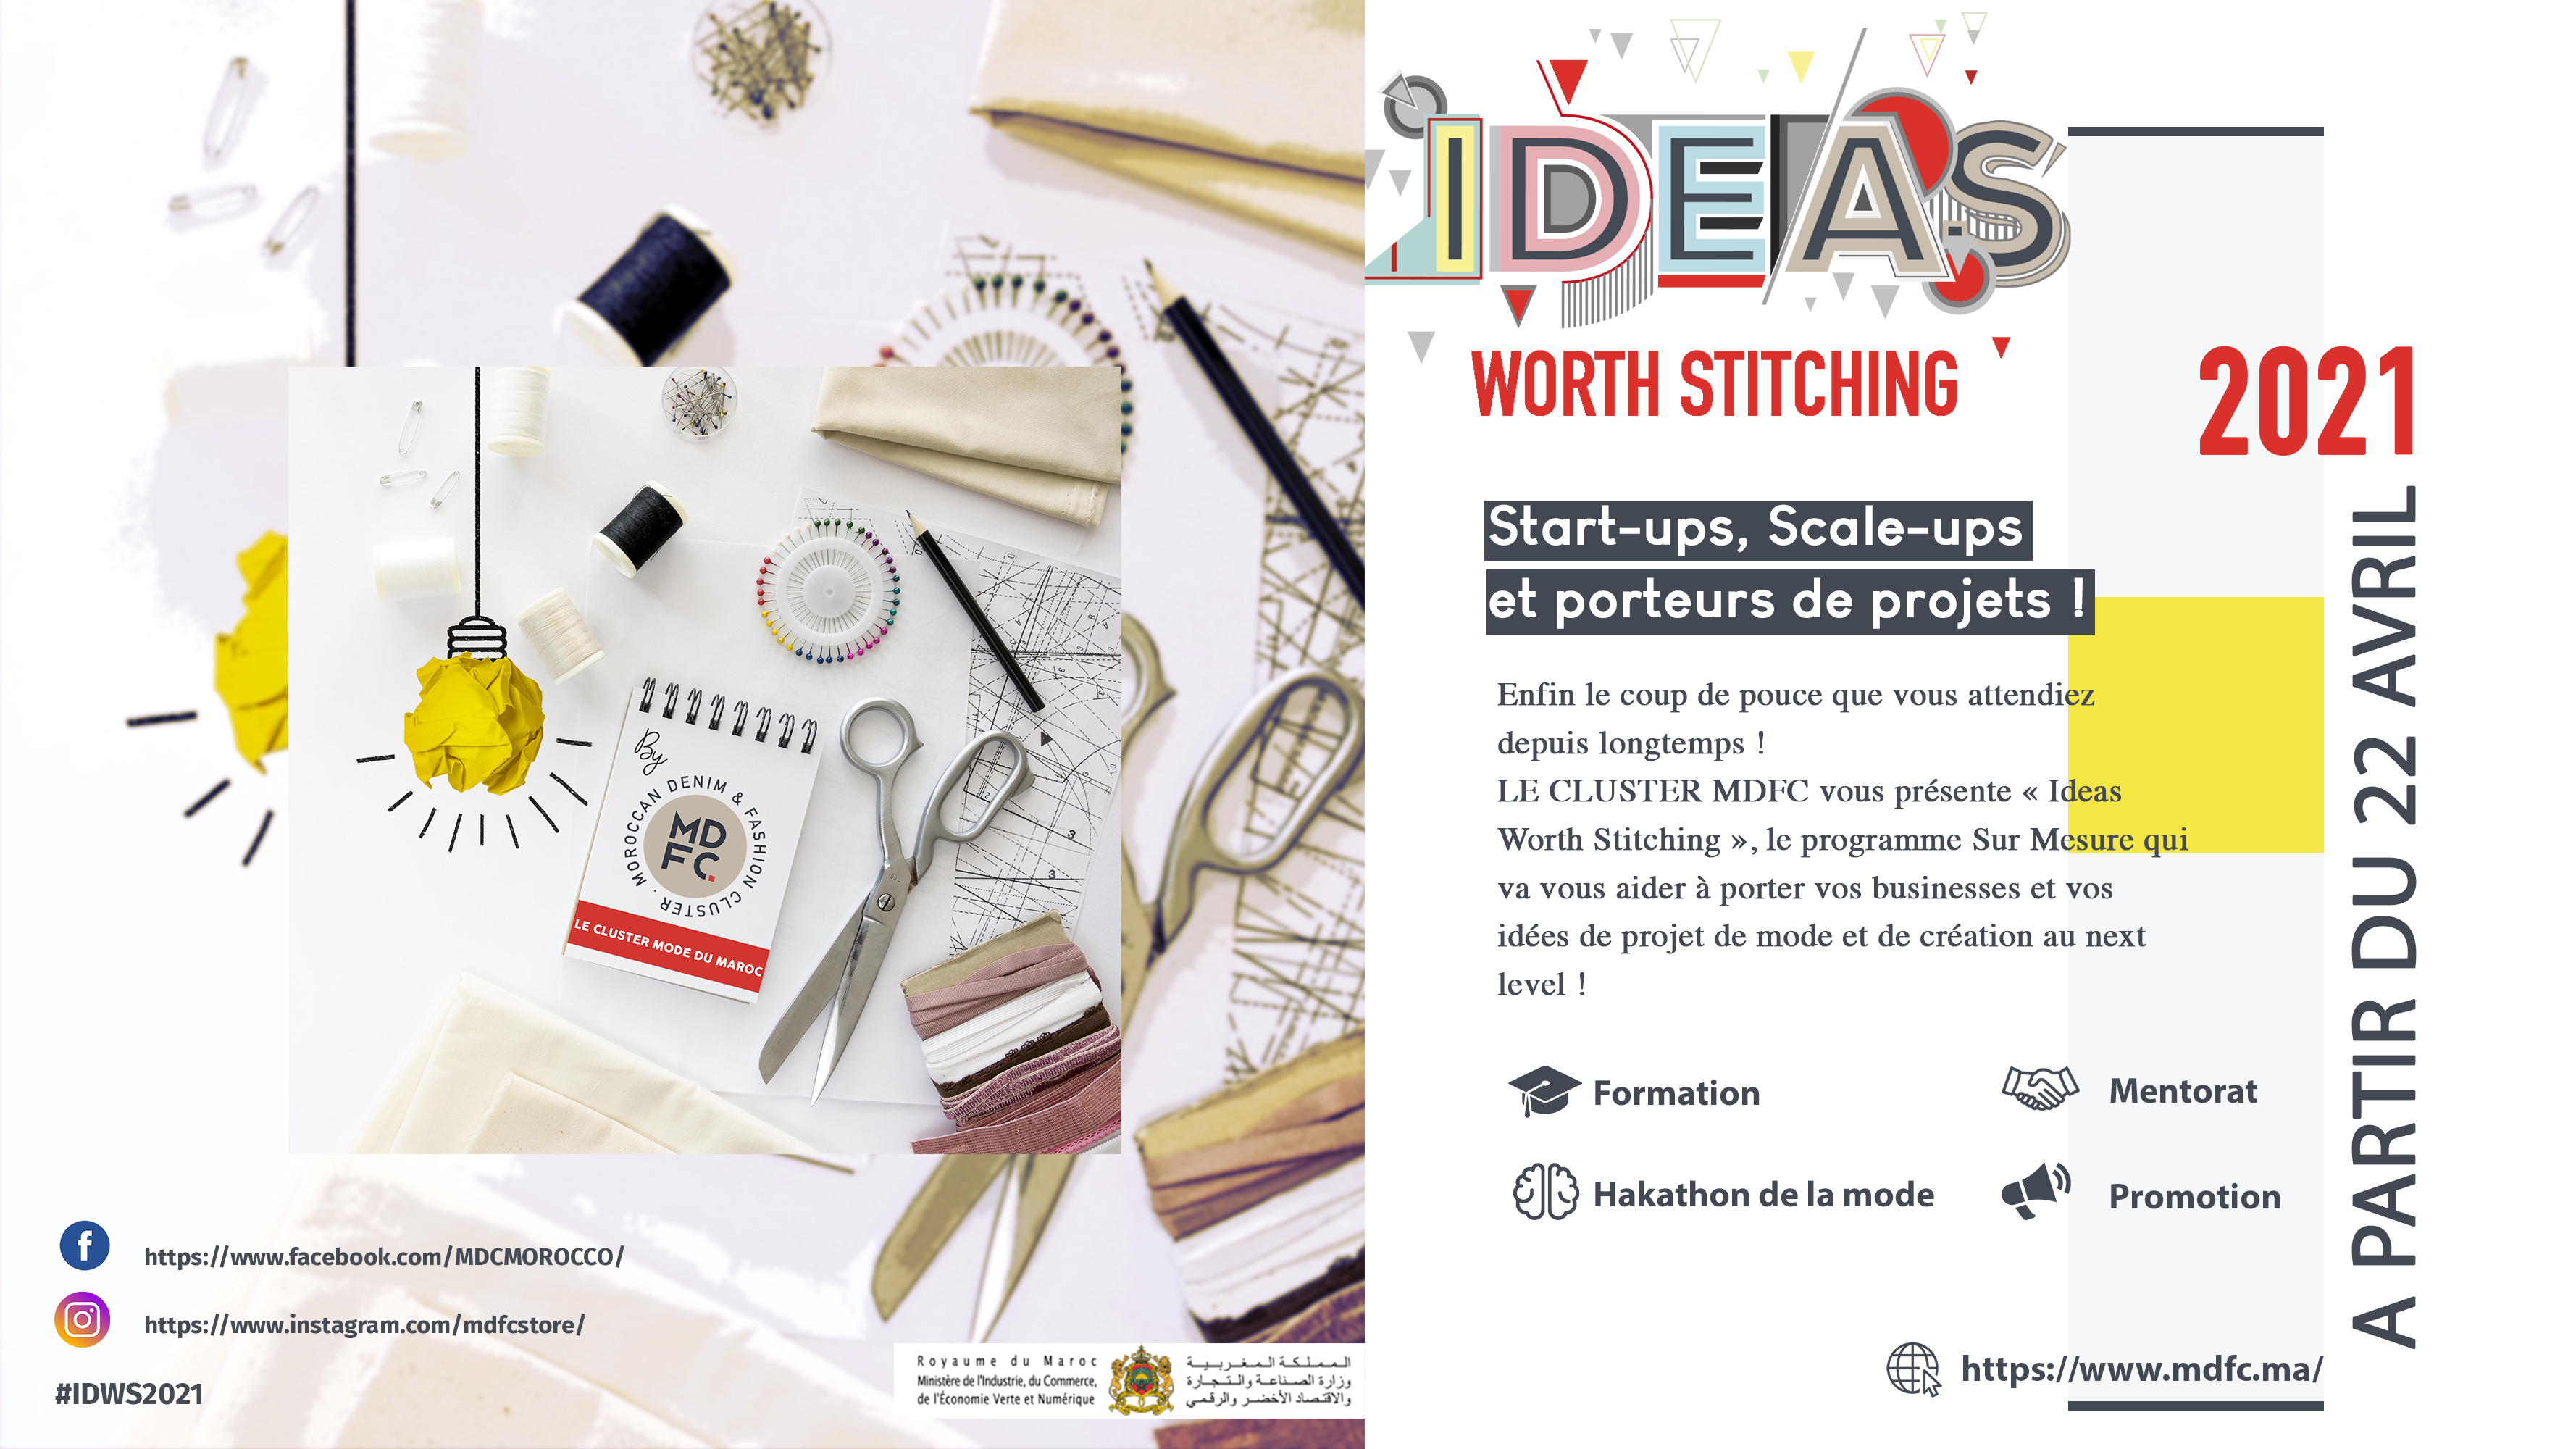 Maroc : lancement du premier programme d'accompagnement des startups de mode